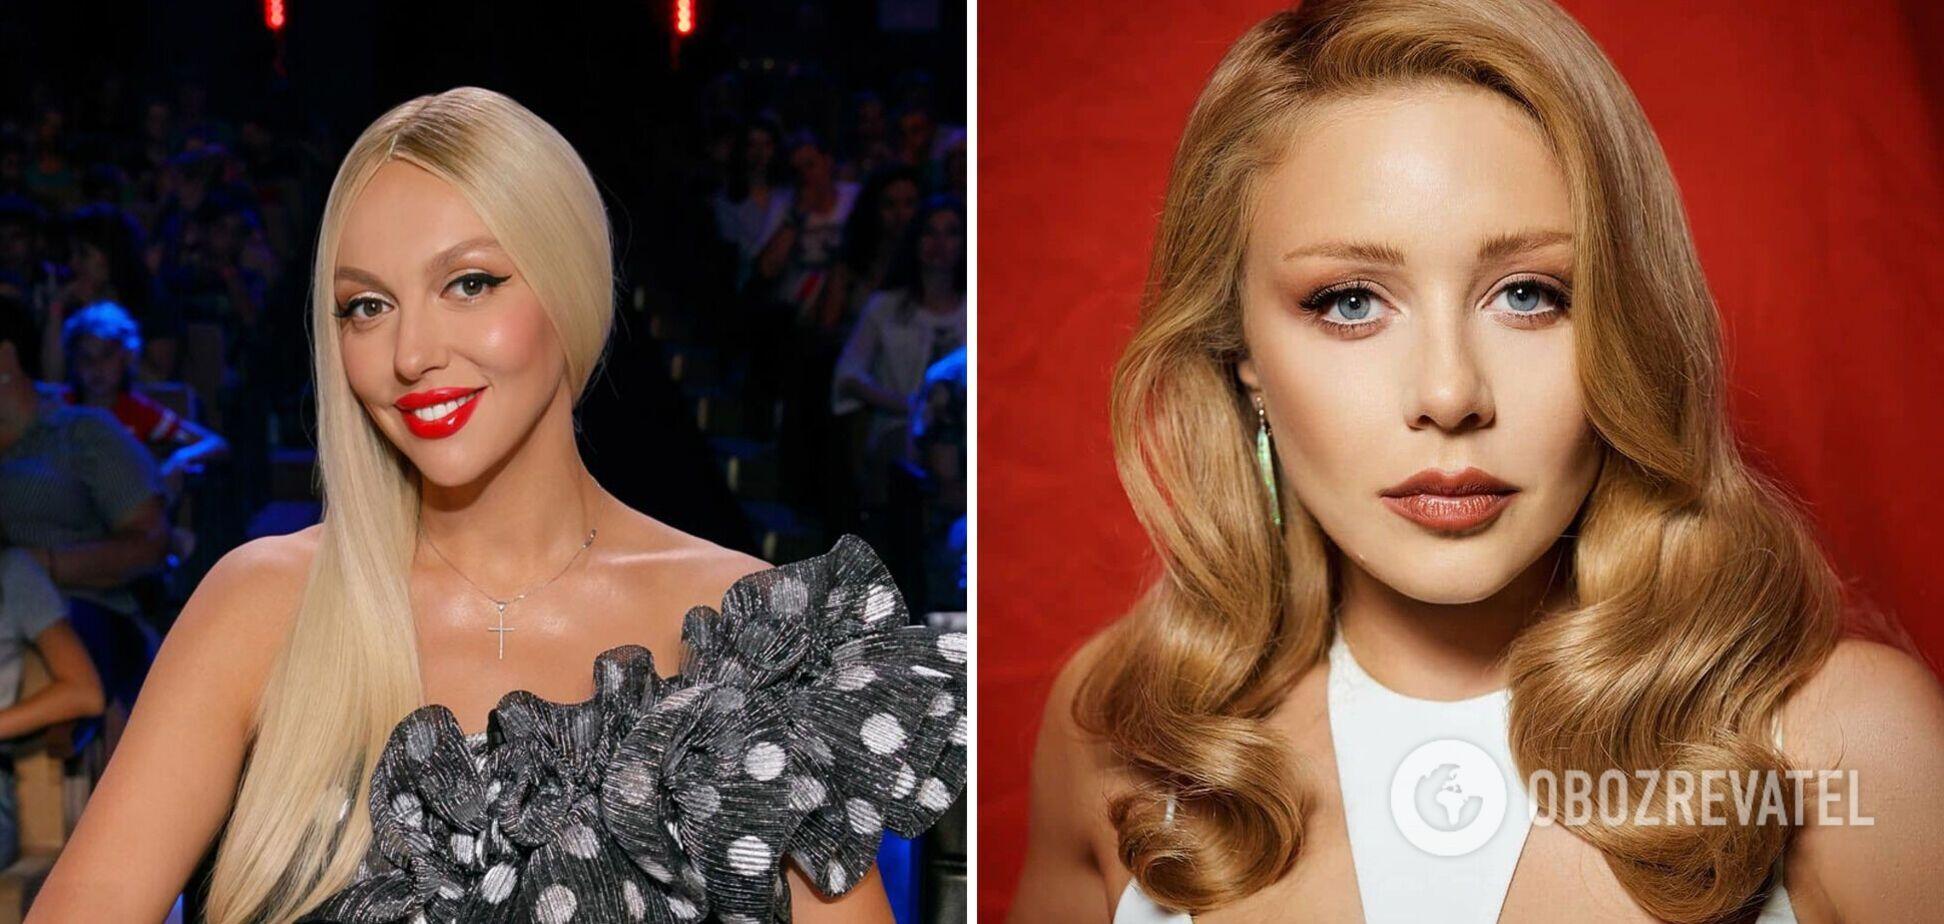 Полякова поставила крапку в скандалі з Кароль та заявила про використання її імені для піару треку